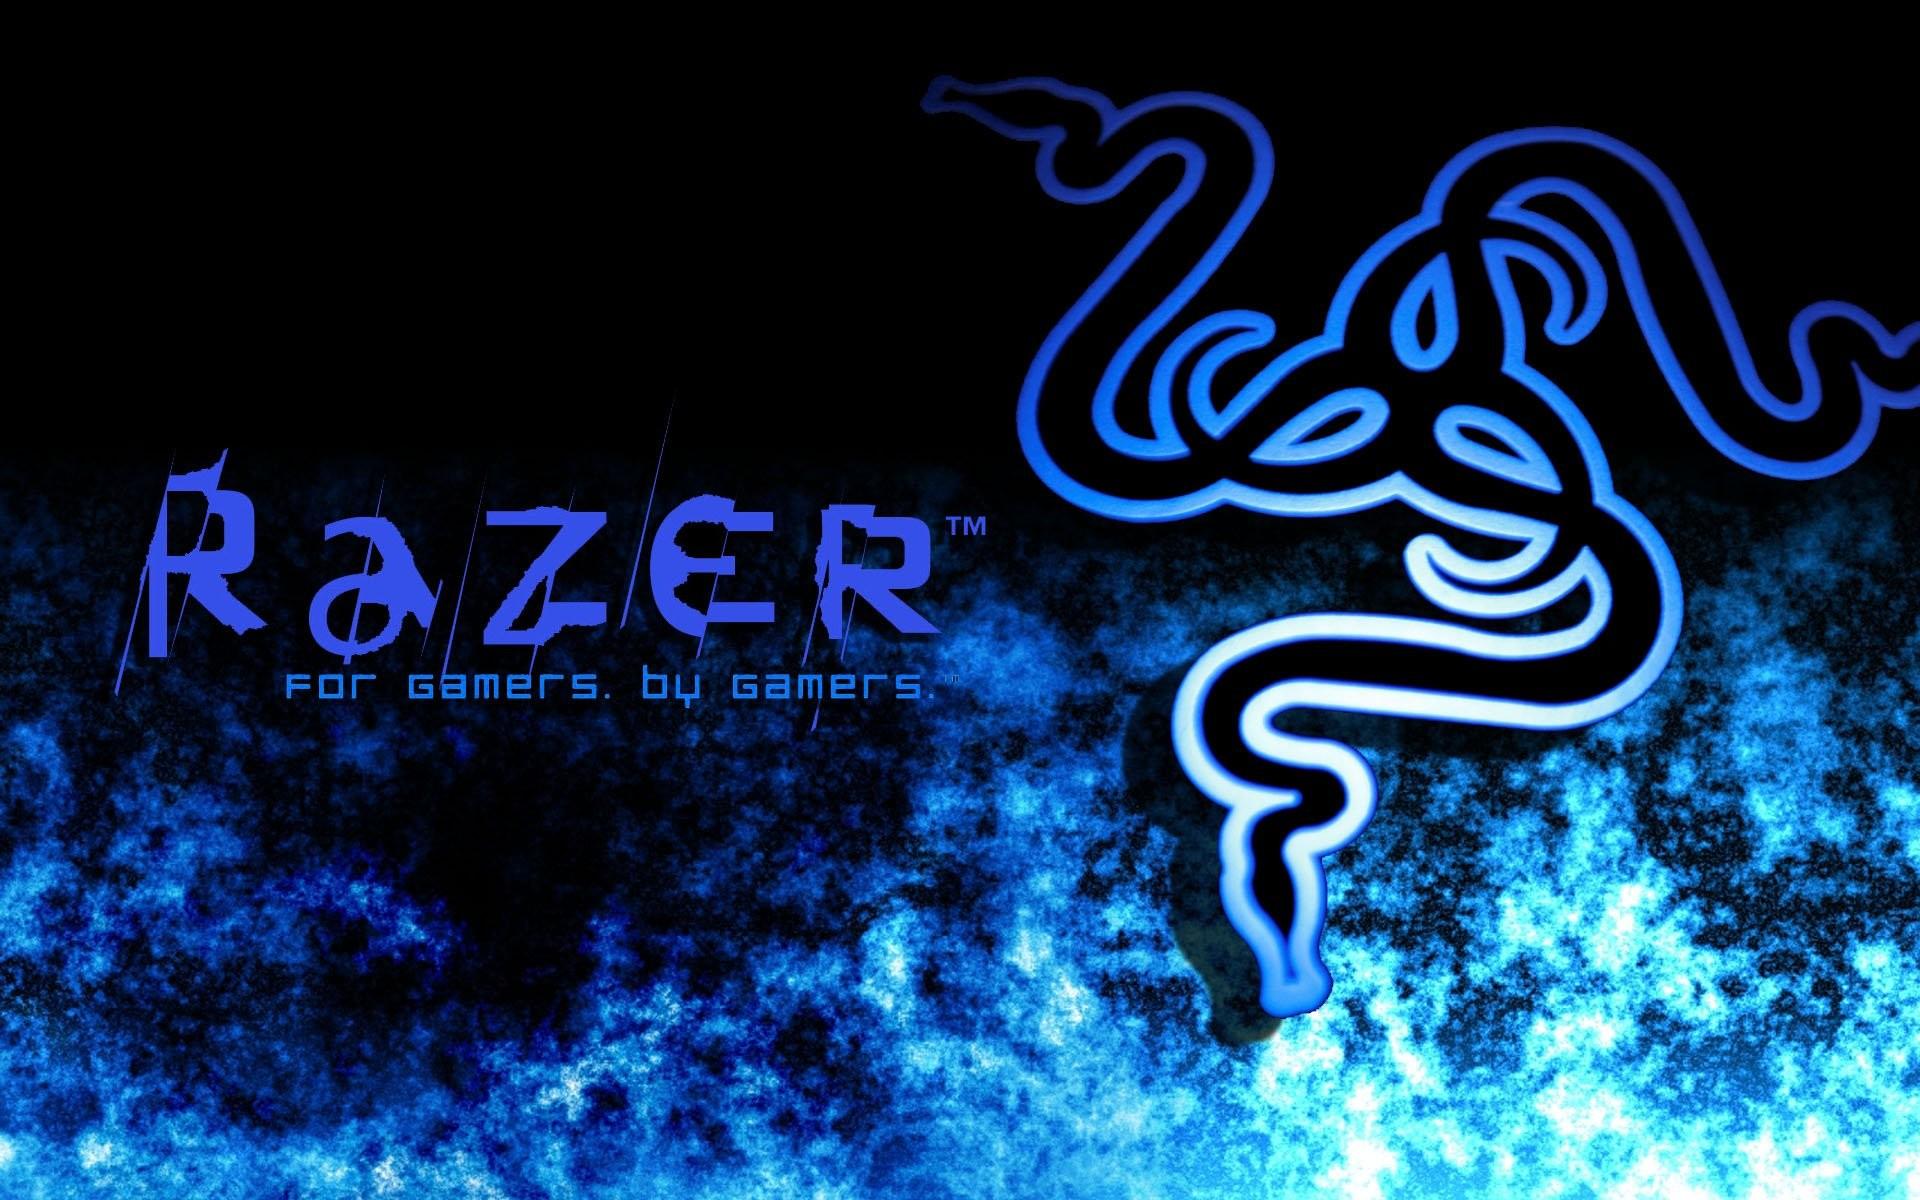 Corsair gaming wallpaper